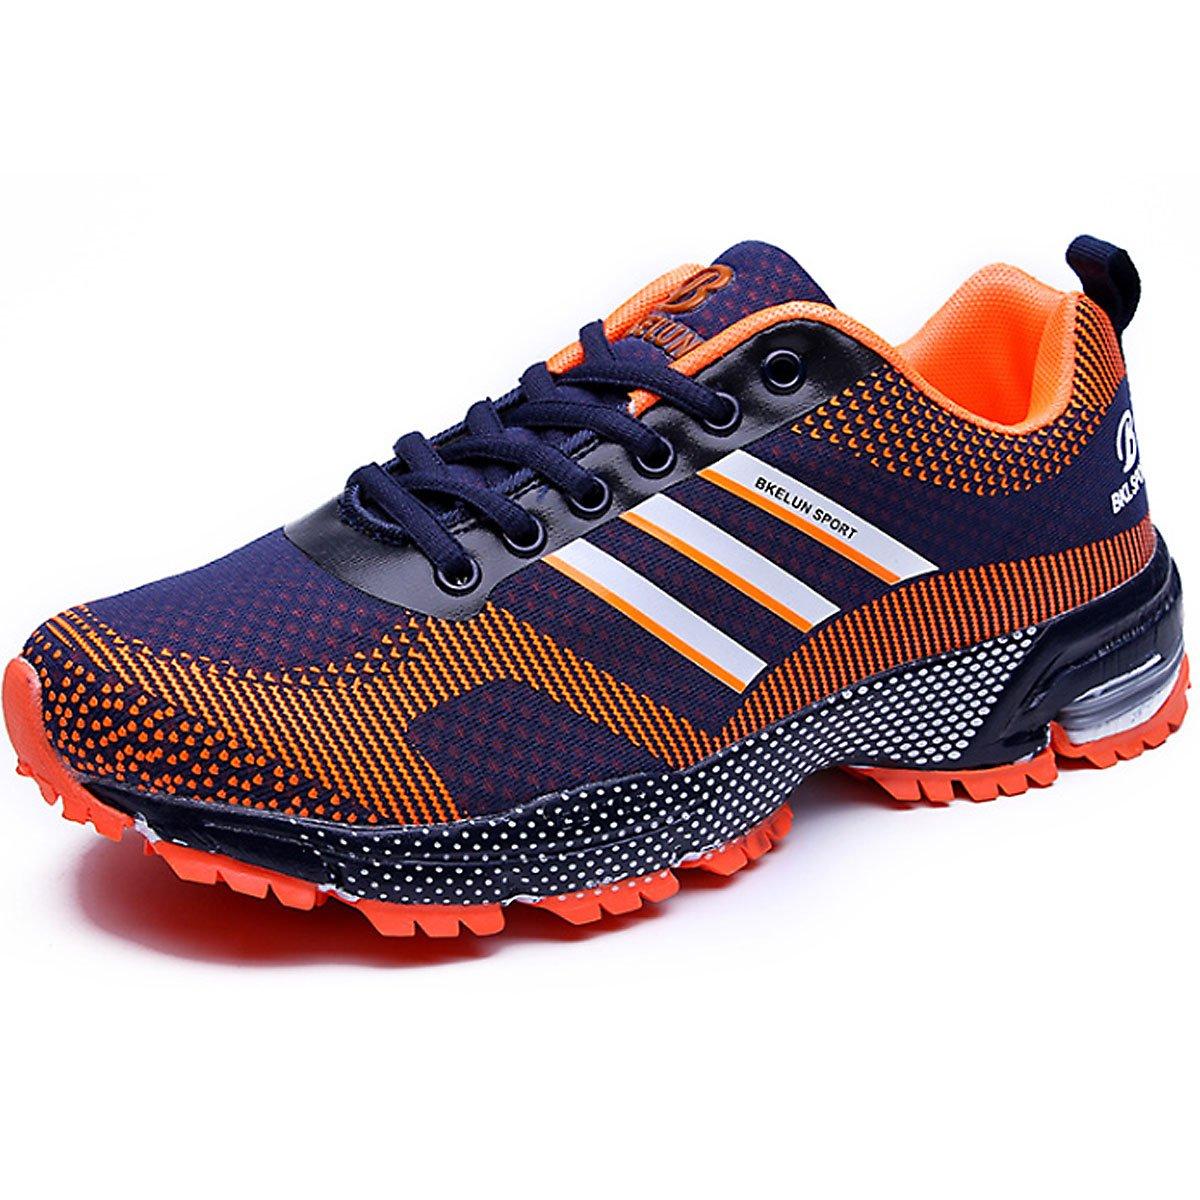 Zapatillas Hombres Deporte Running Zapatos para Correr Gimnasio Ligeras Cómodas Sneakers Deportivas Transpirables Casual CHNHIRA